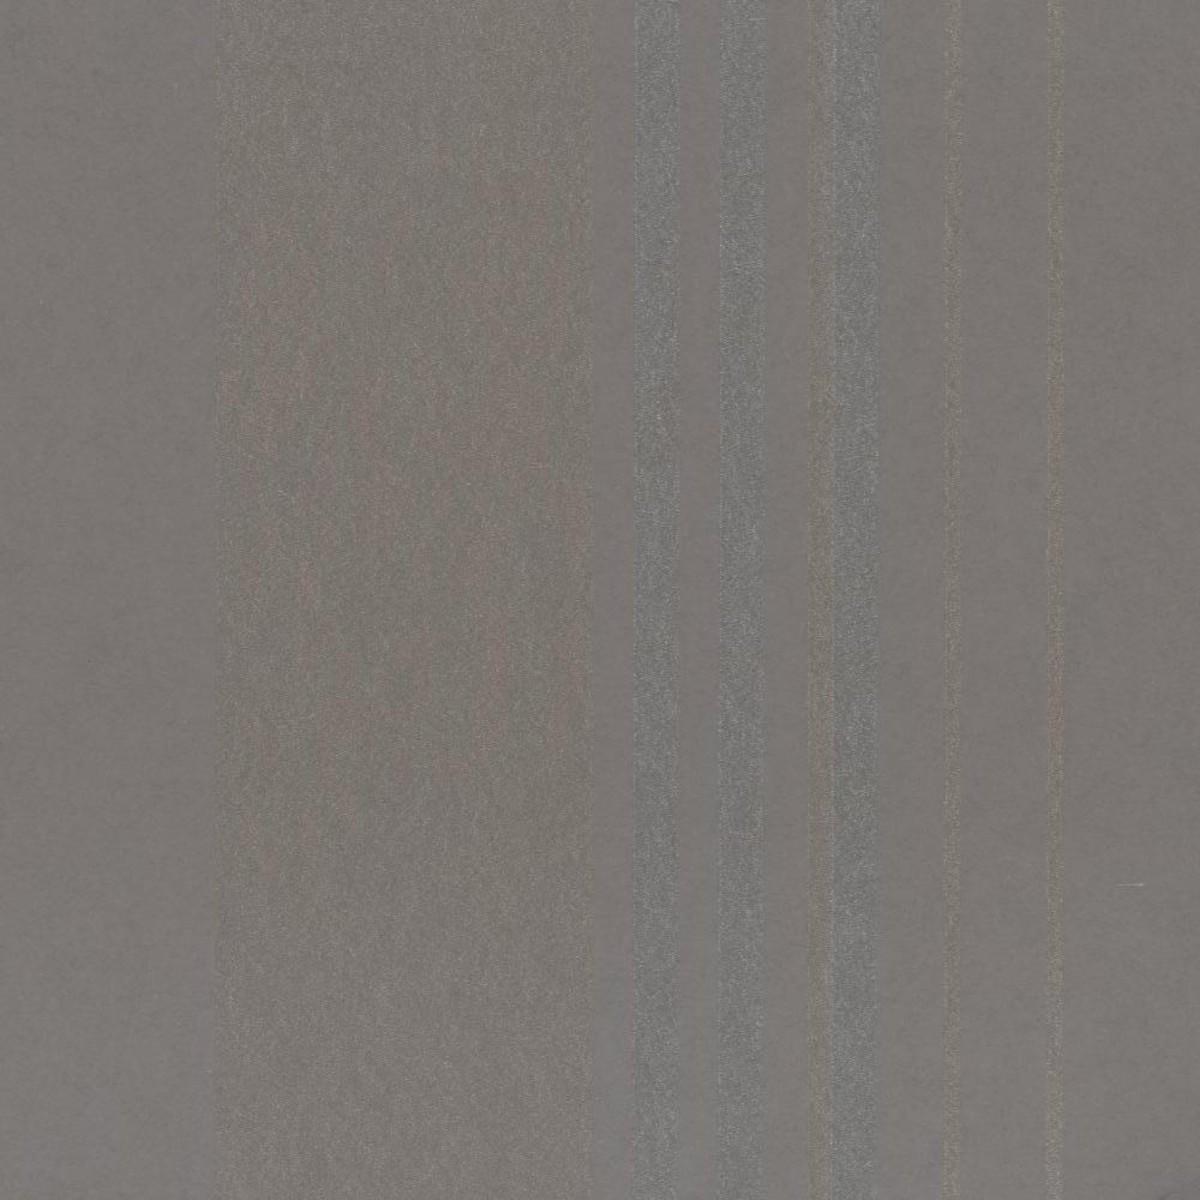 Обои флизелиновые Aura Beaumont серые 0.53 м 346226